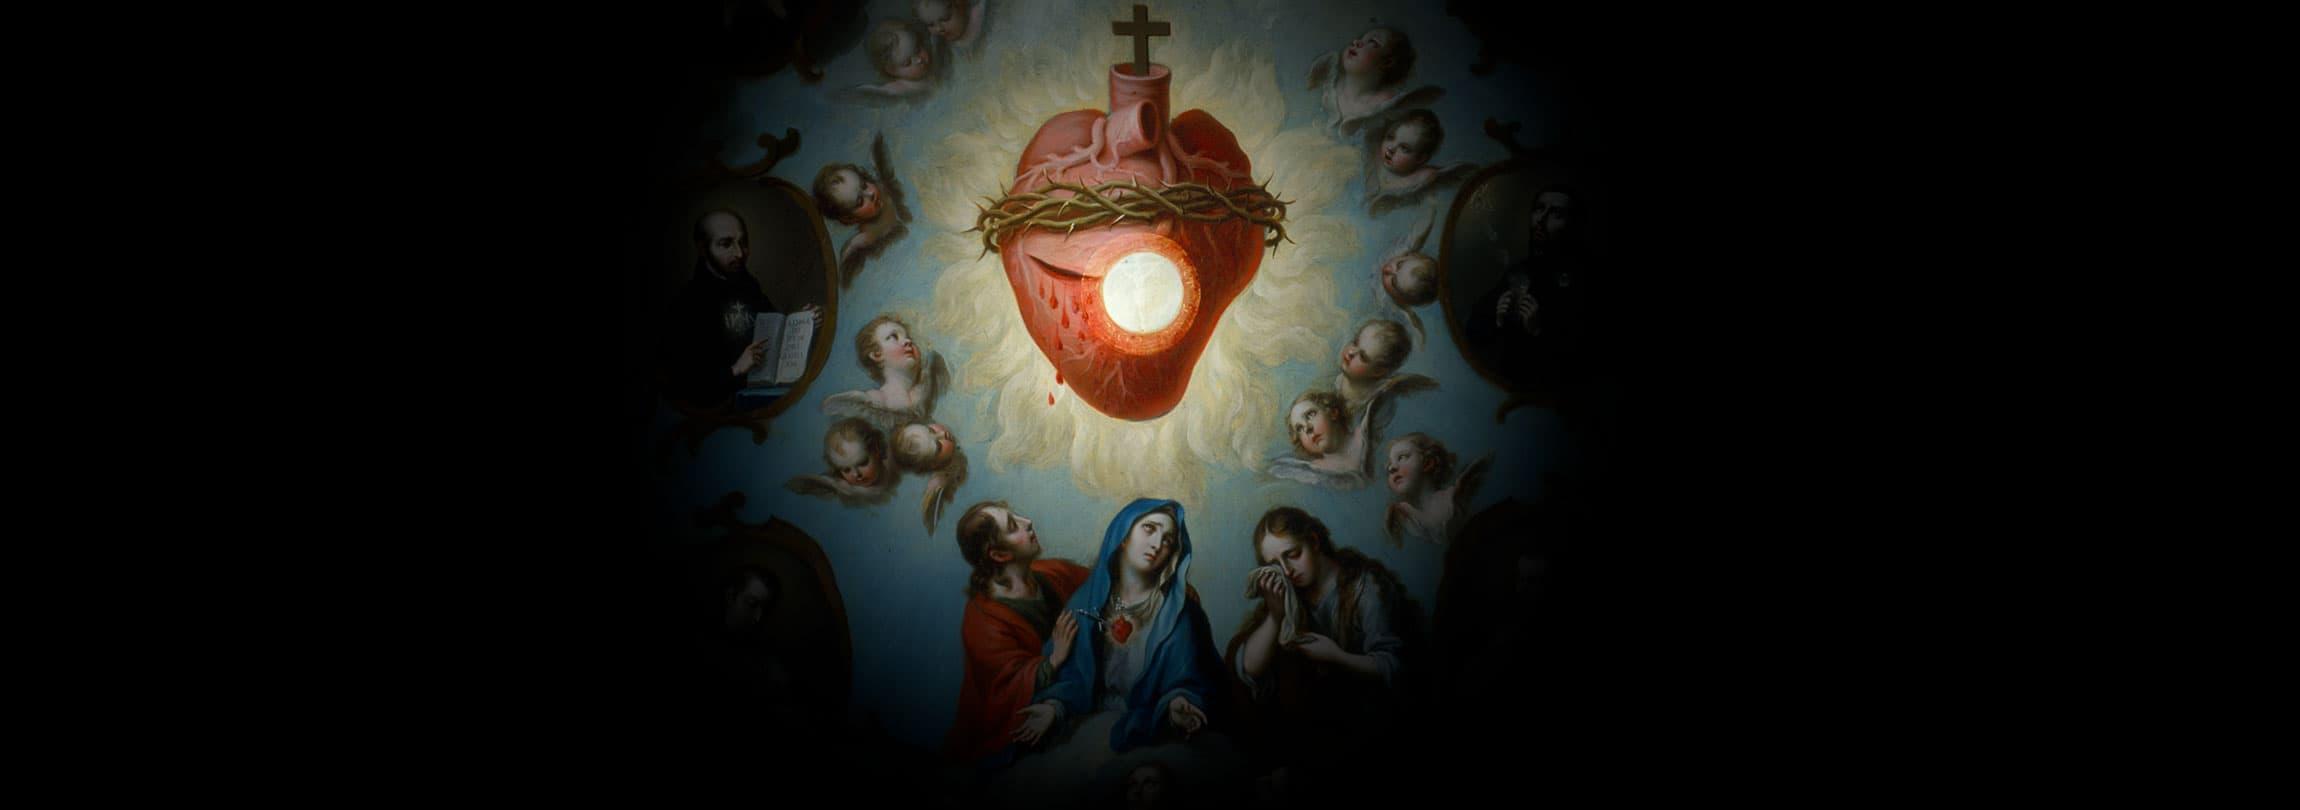 As pulsações do Sagrado Coração de Jesus